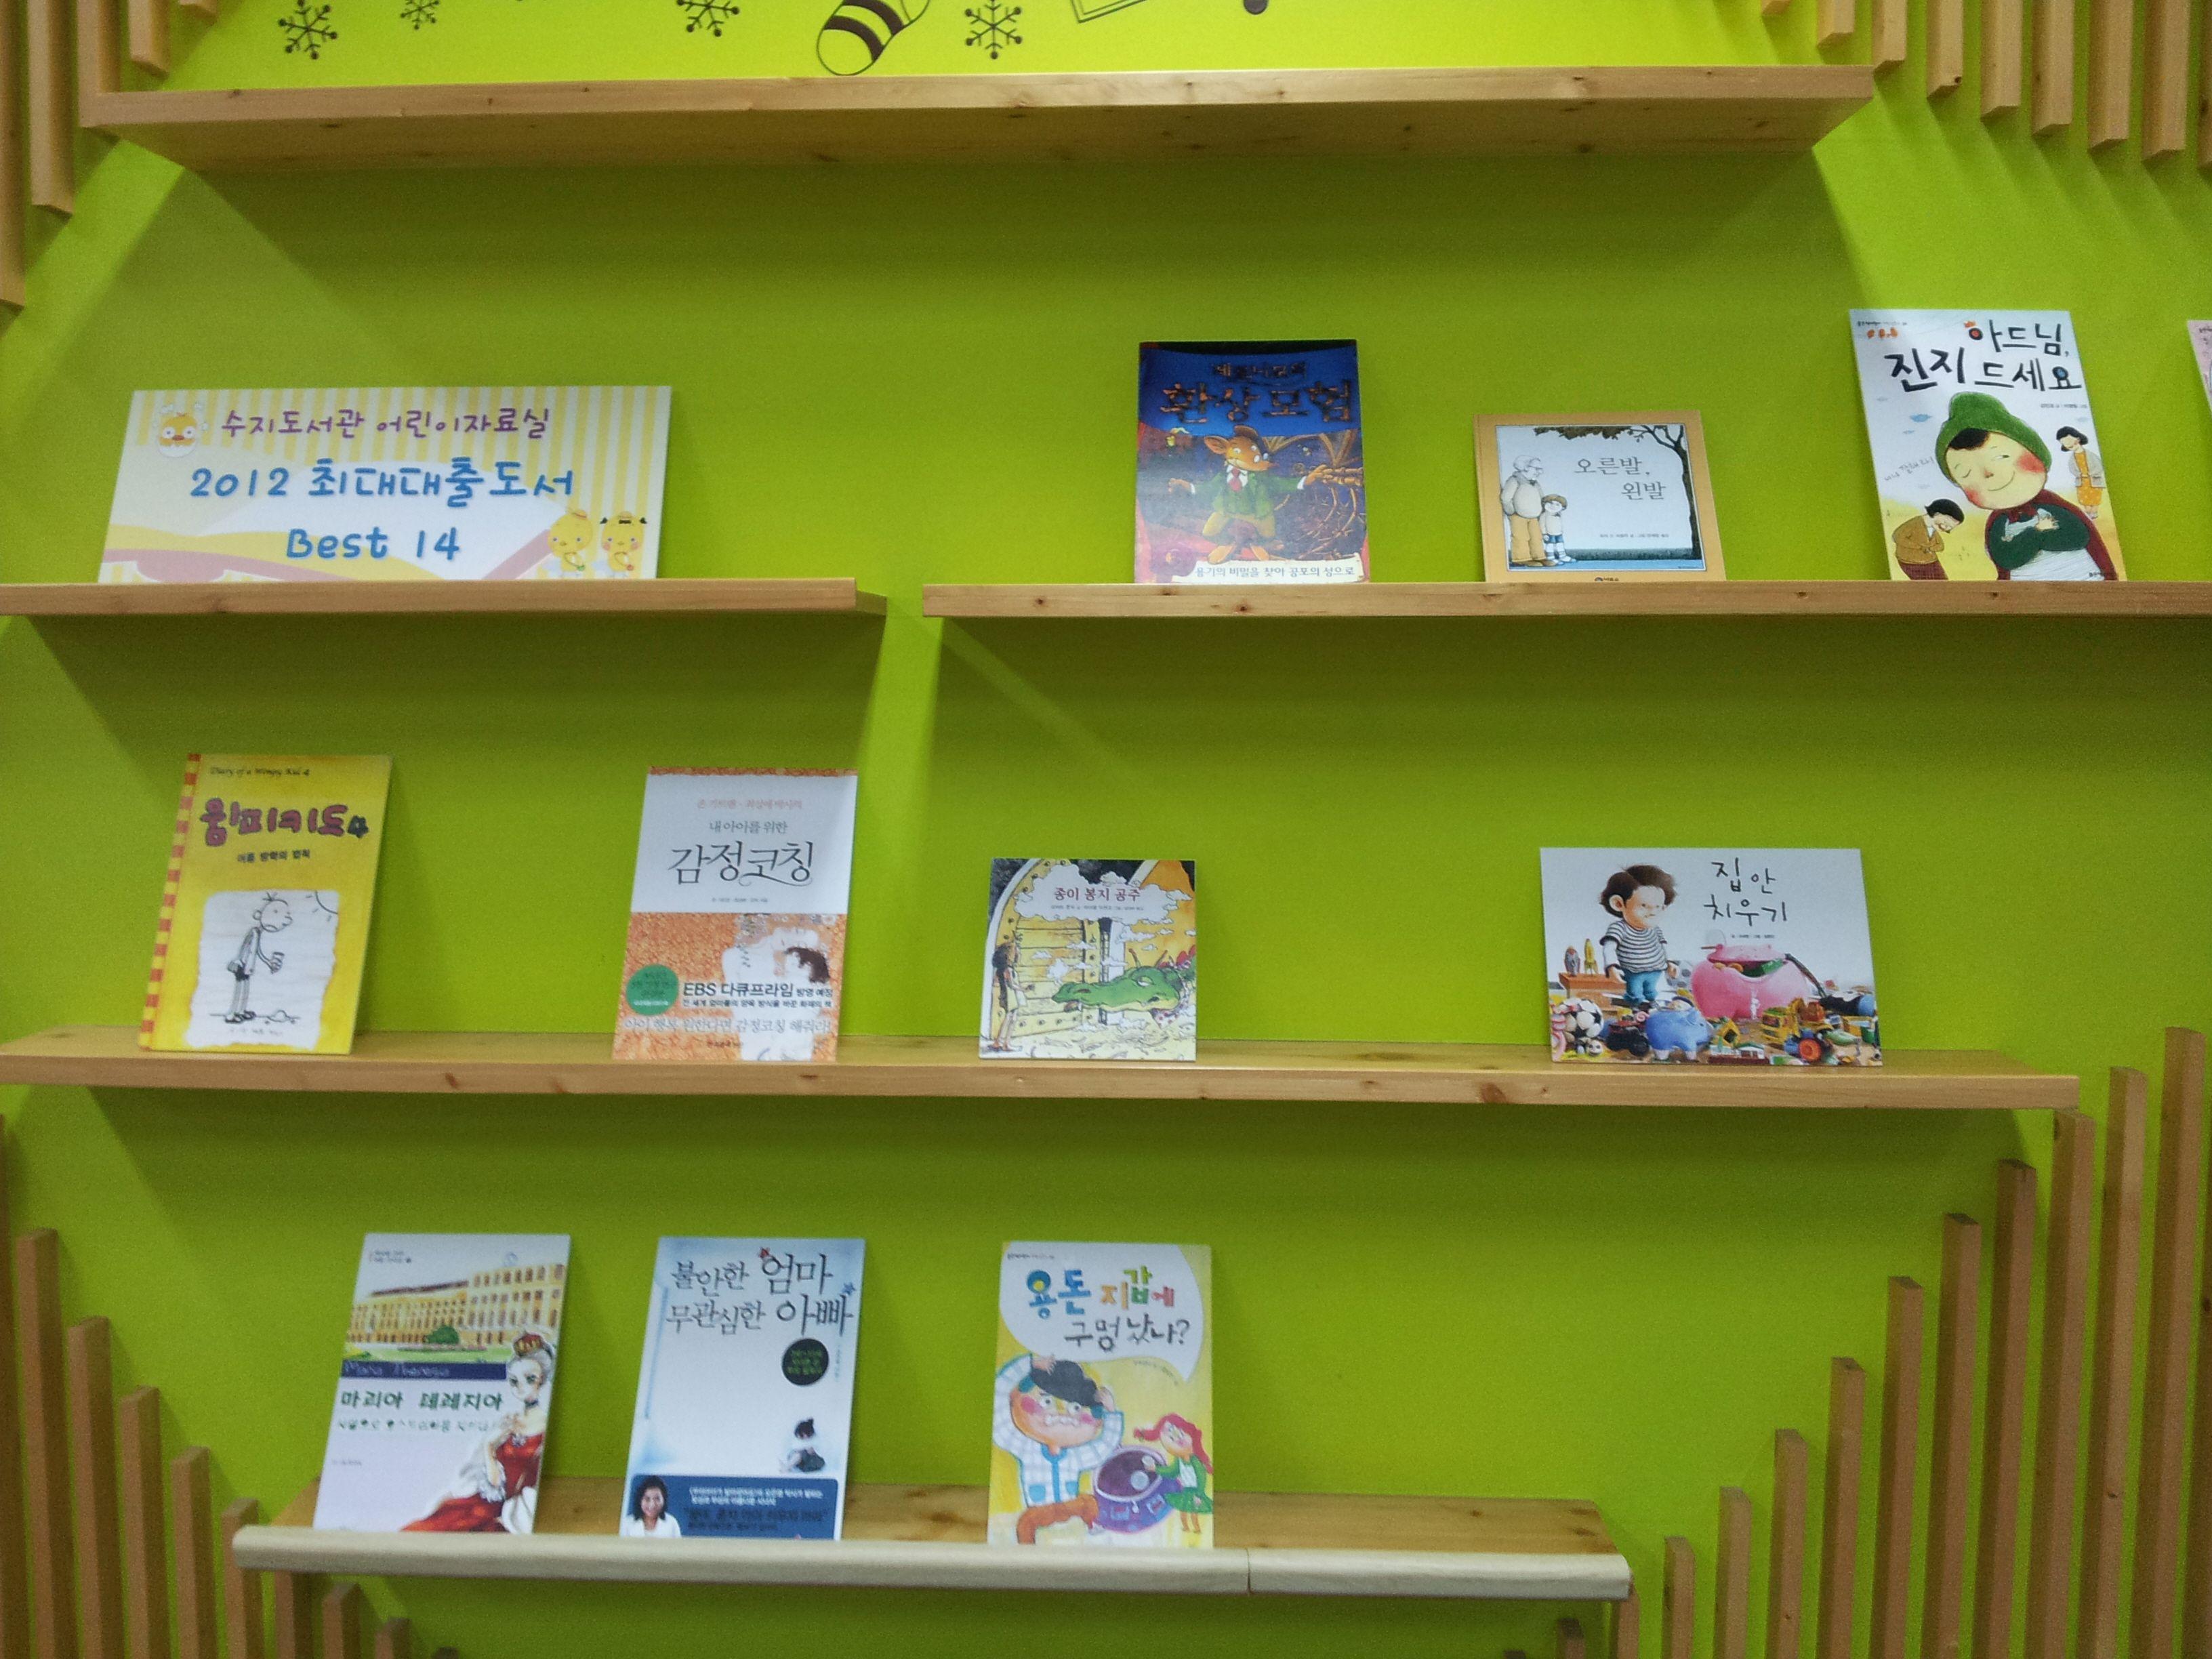 """용인 수지도서관 어린이자료실에는 """"2012 최대대출도서 Best14""""가 전시되어 있답니다.  저기저기 가운뎃줄 오른쪽 끝에 《집 안 치우기》보이시죠?~^^  너무너무 사랑해주시니 너무너무 행복합니다.~^^"""